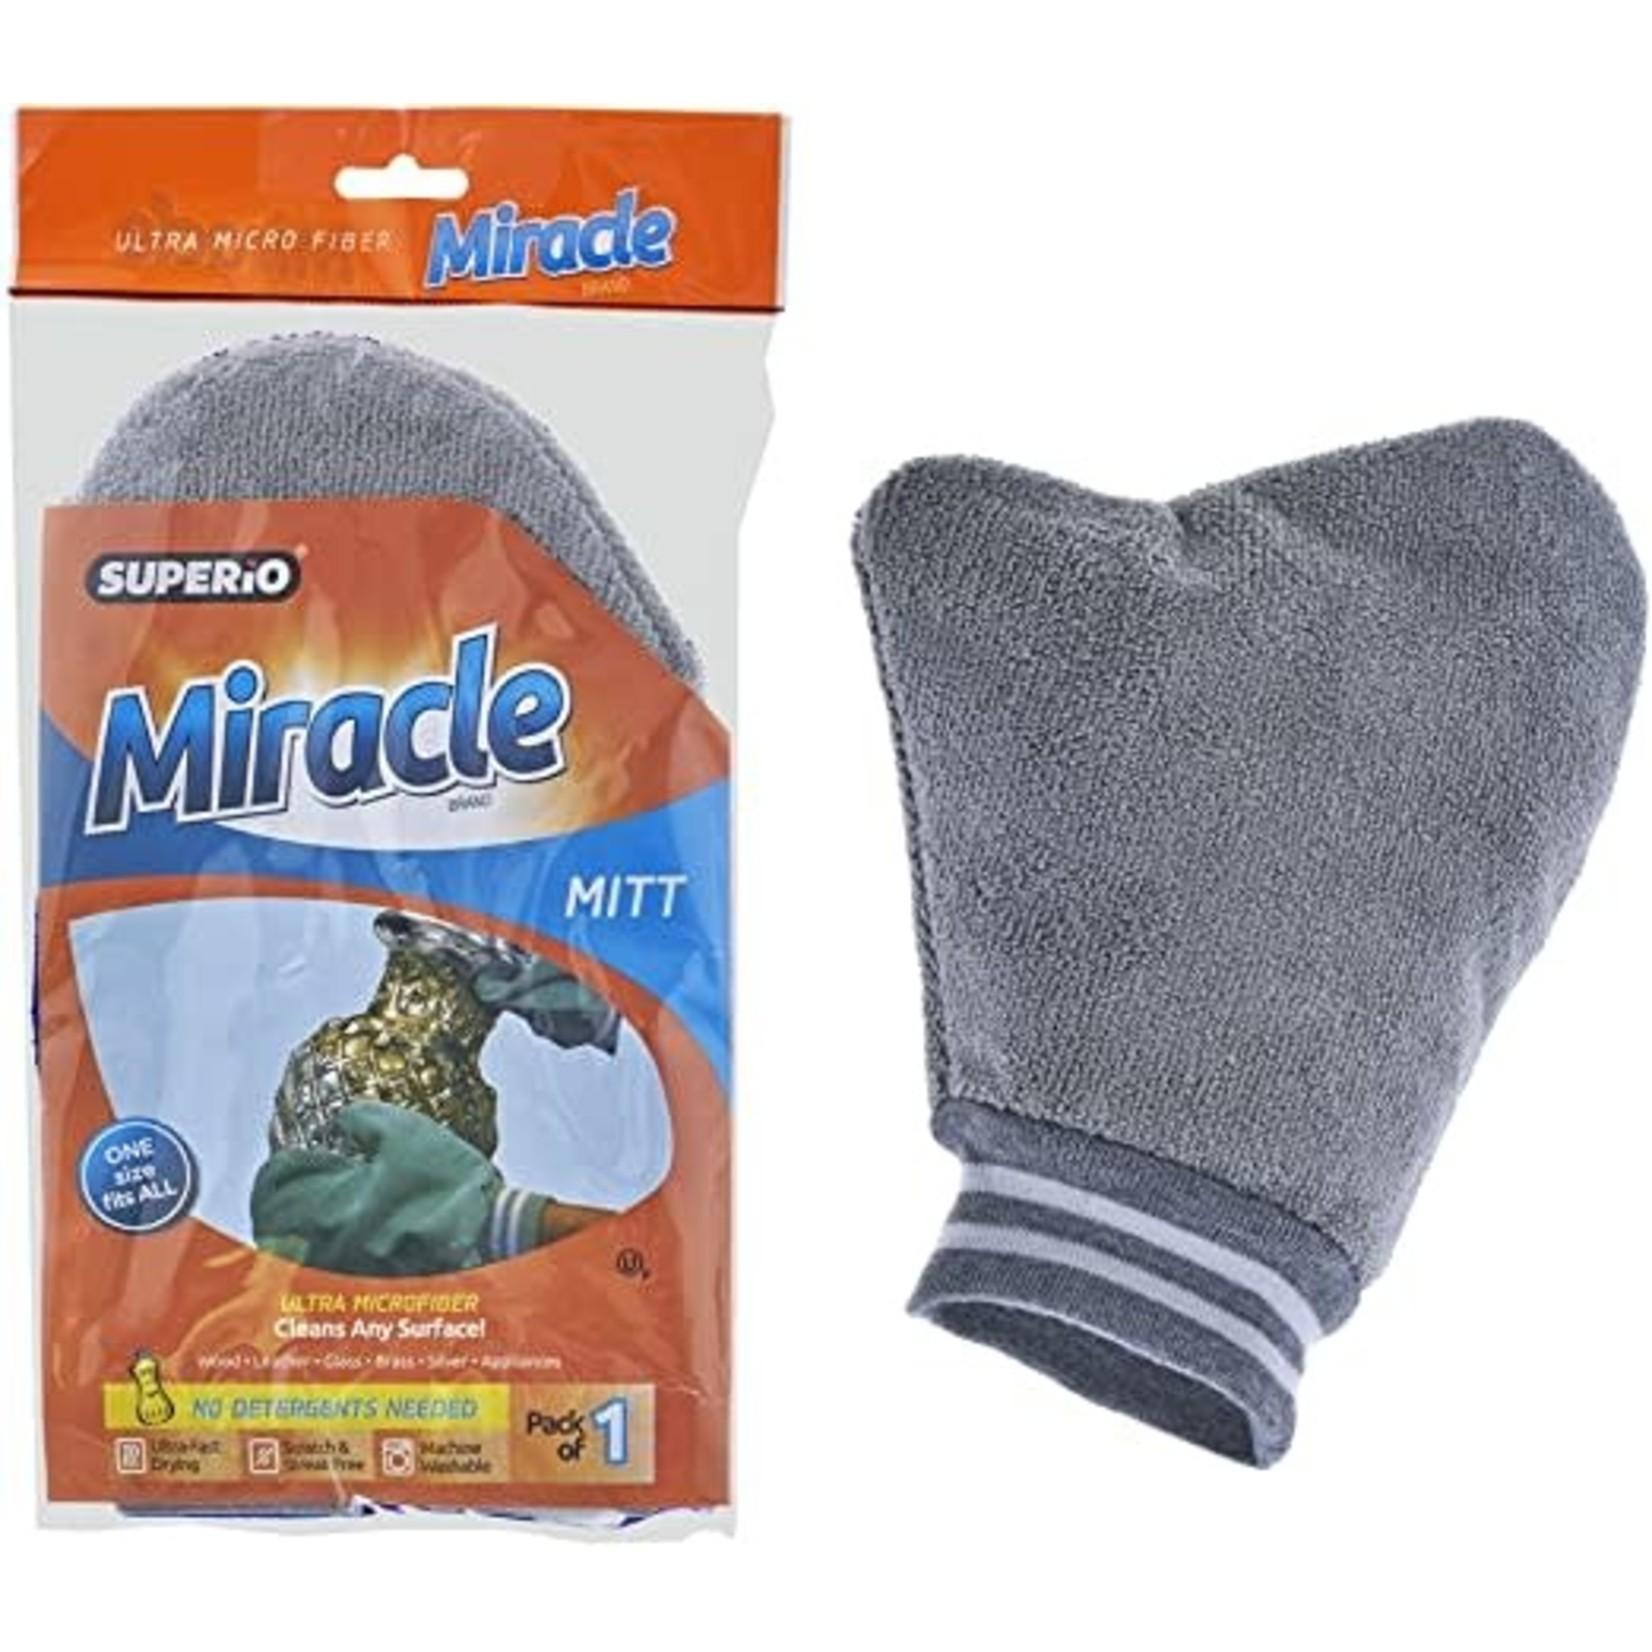 Miracle Mitt